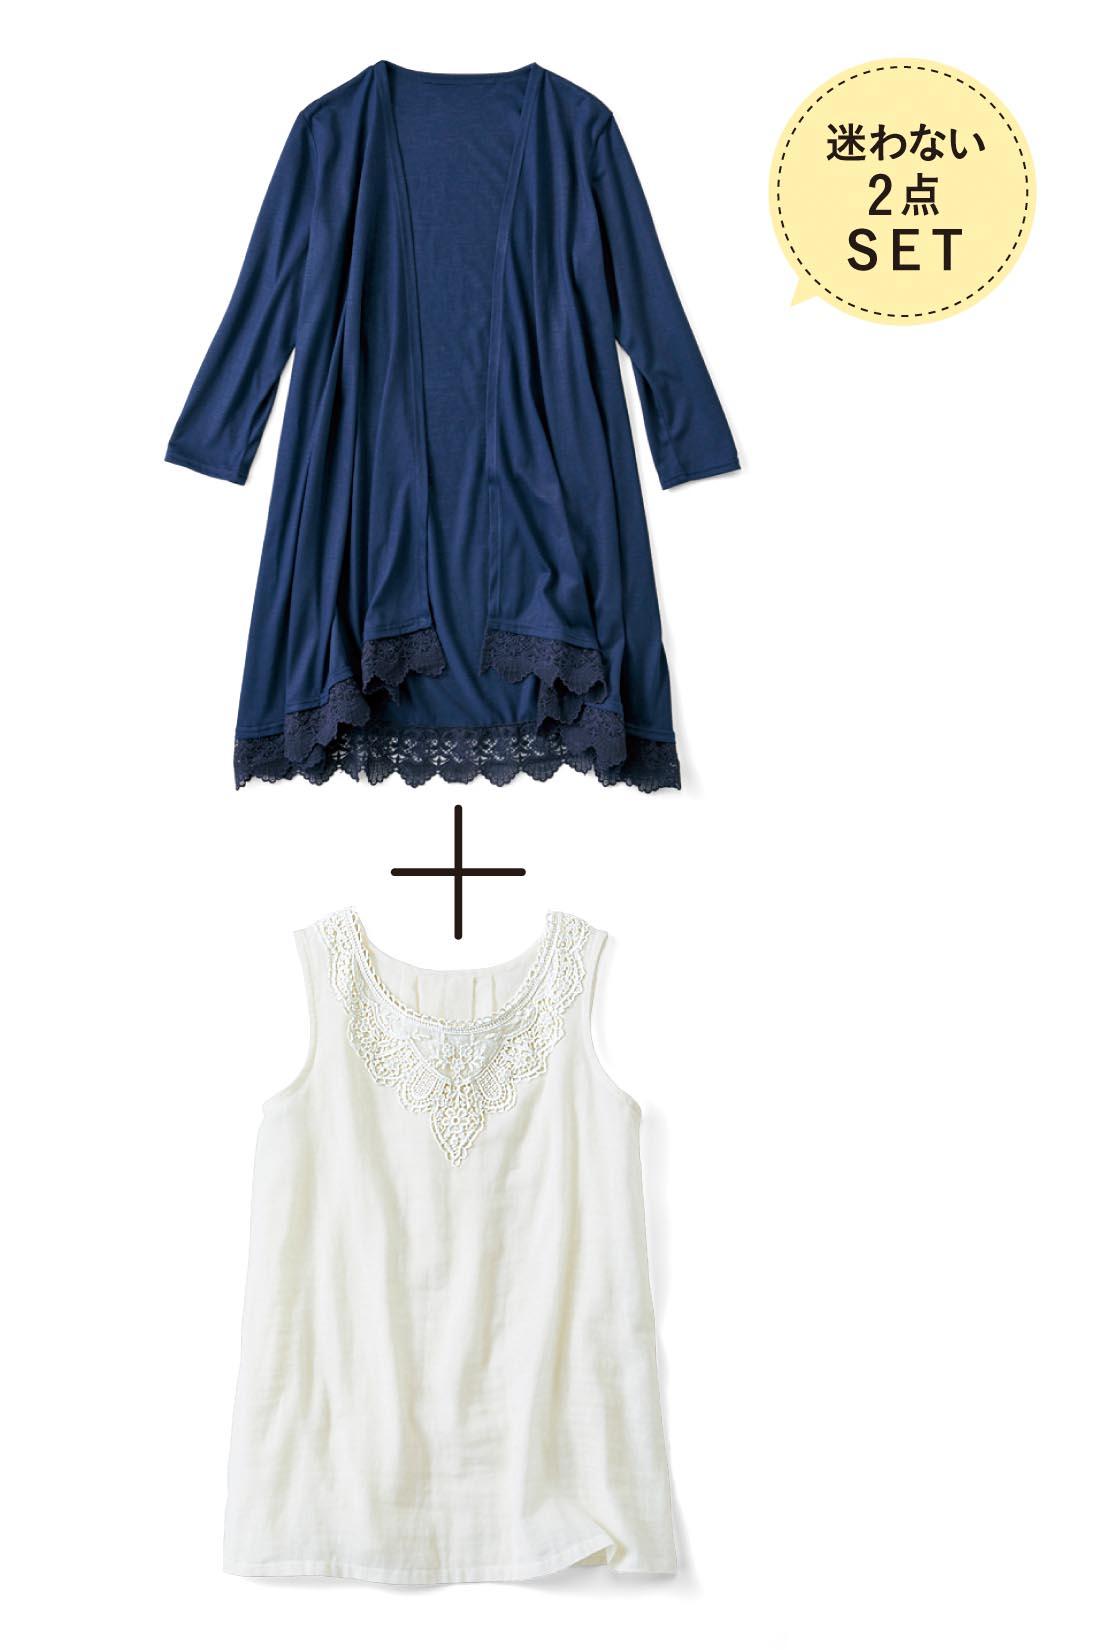 着るだけでナイスバランス! おなかや腰まわりをカバーしながら、夏らしい軽やかなバランスをつくる丈感を計算。単品でも着まわしOK。 ※お届けするカラーとは異なります。